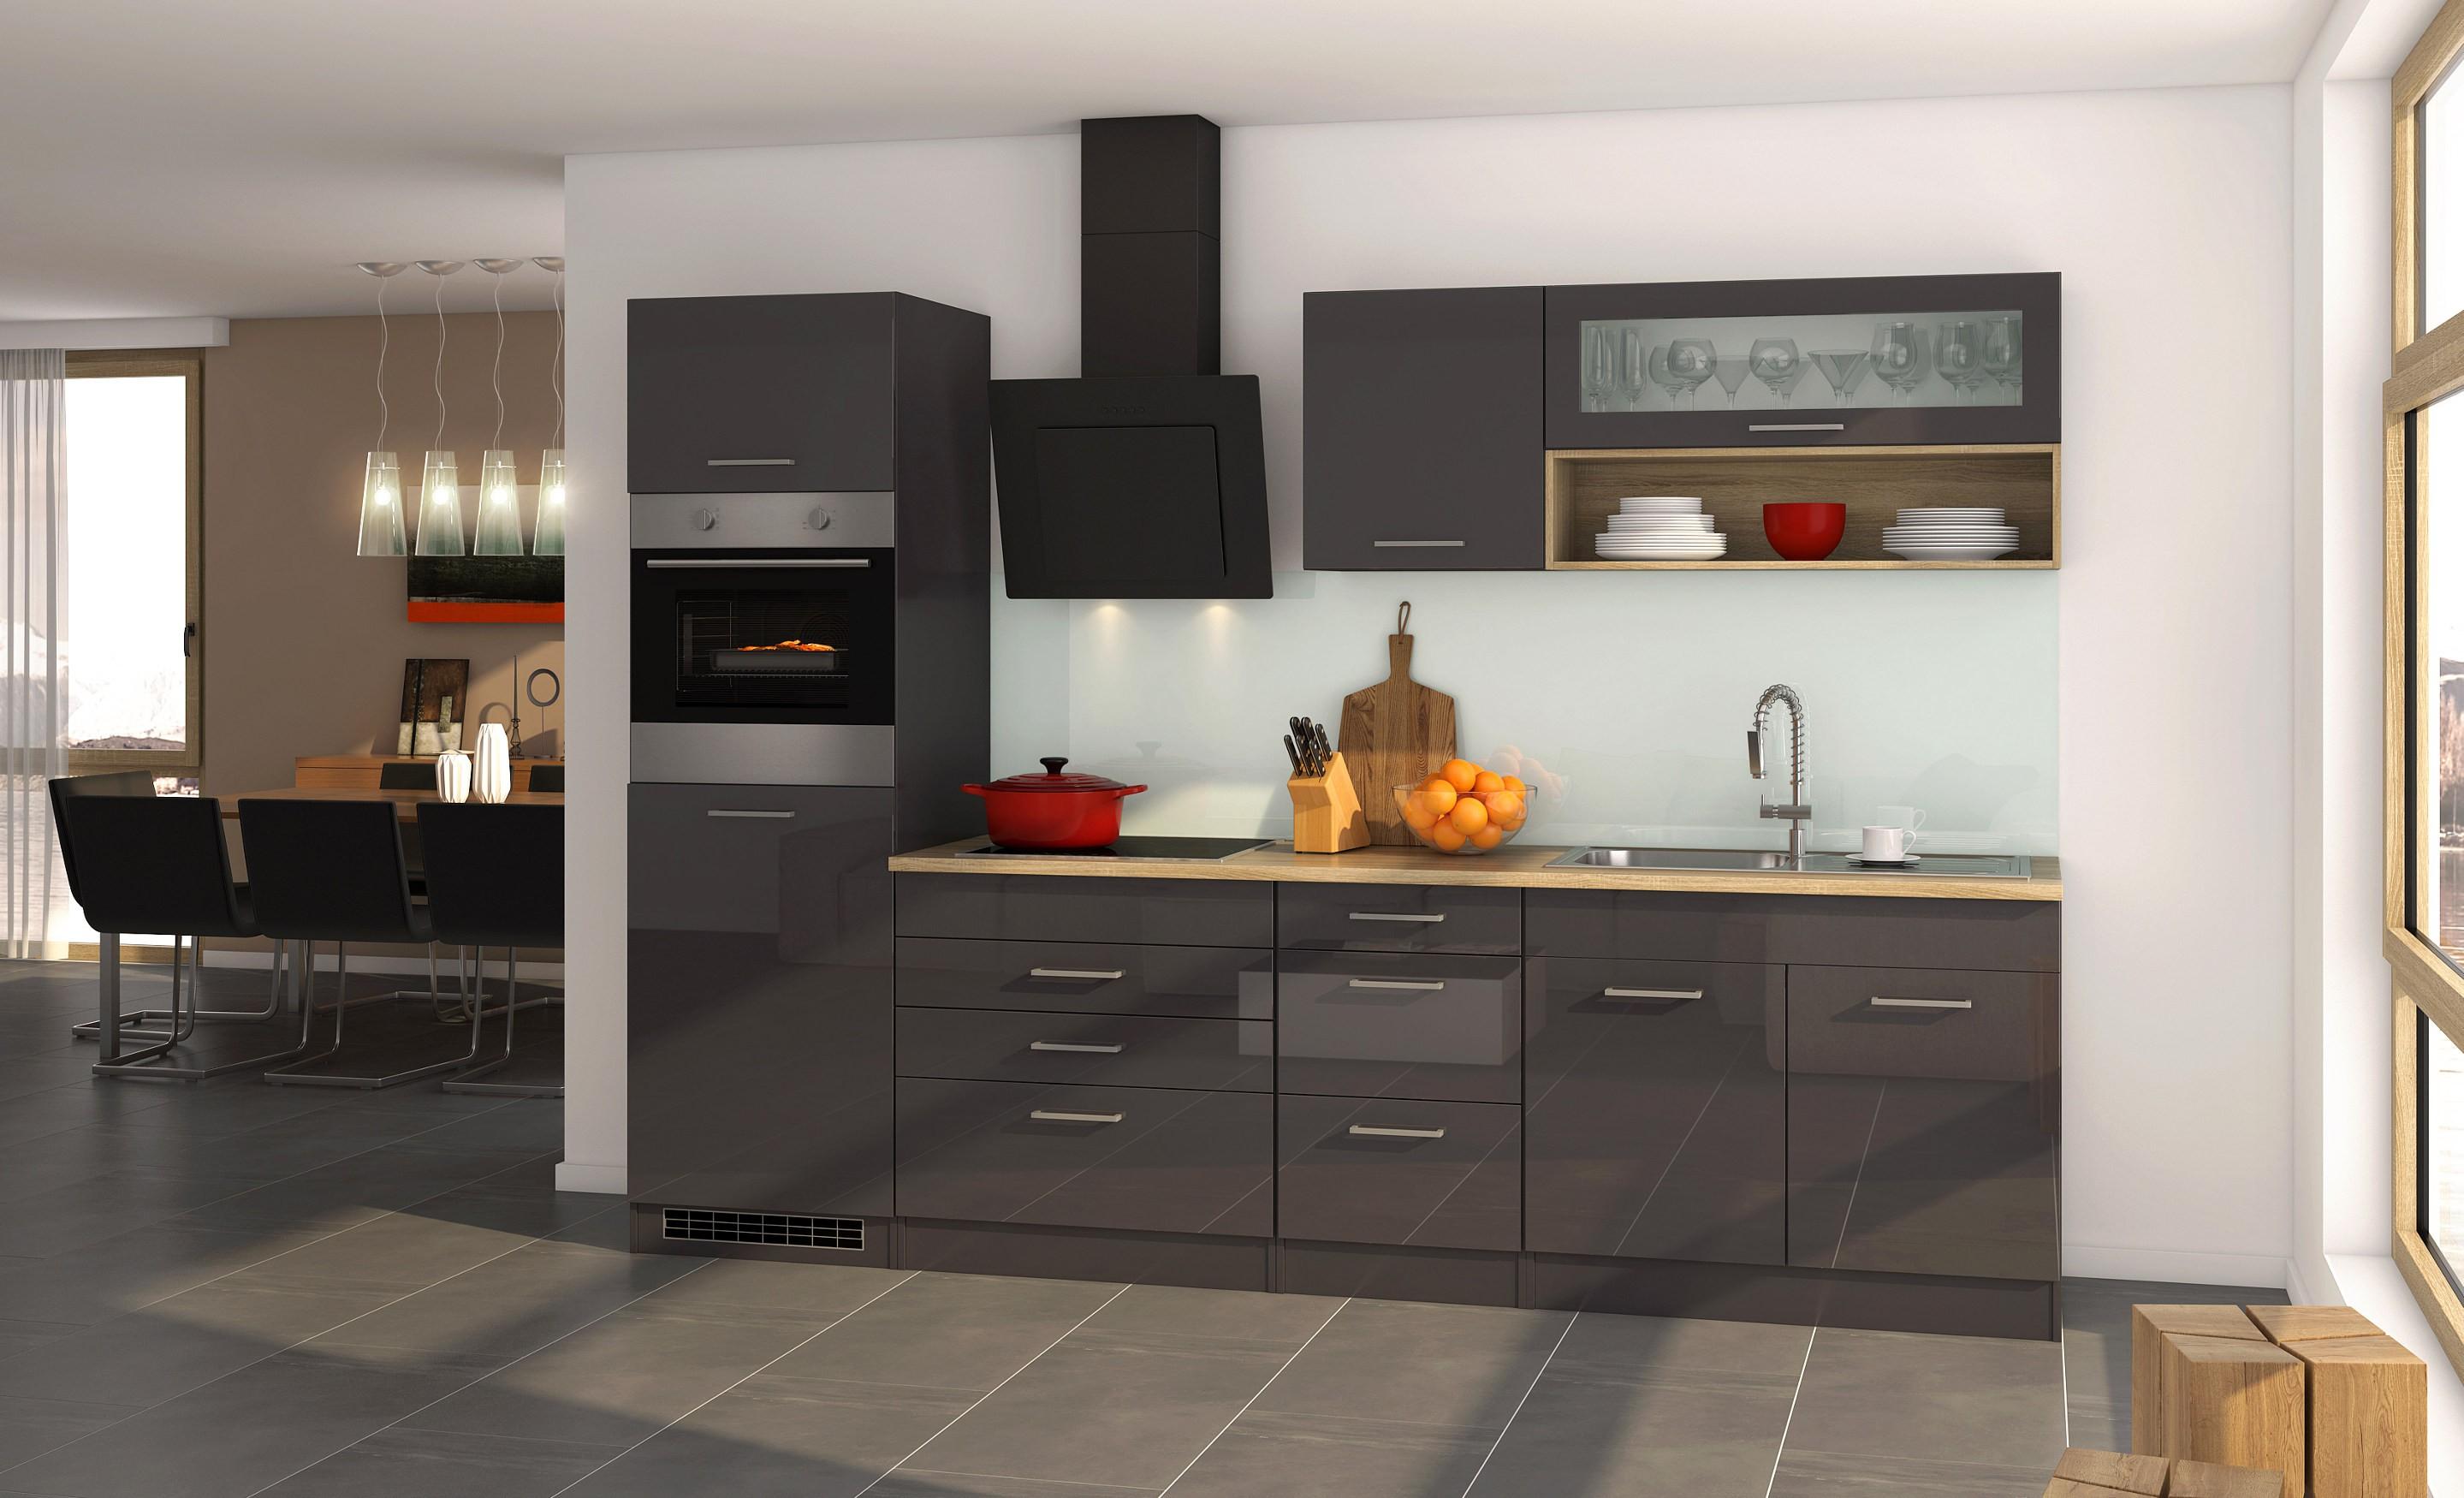 Küchenzeile MÜNCHEN   Vario 2   Küche Mit E Geräten   Breite 290 Cm